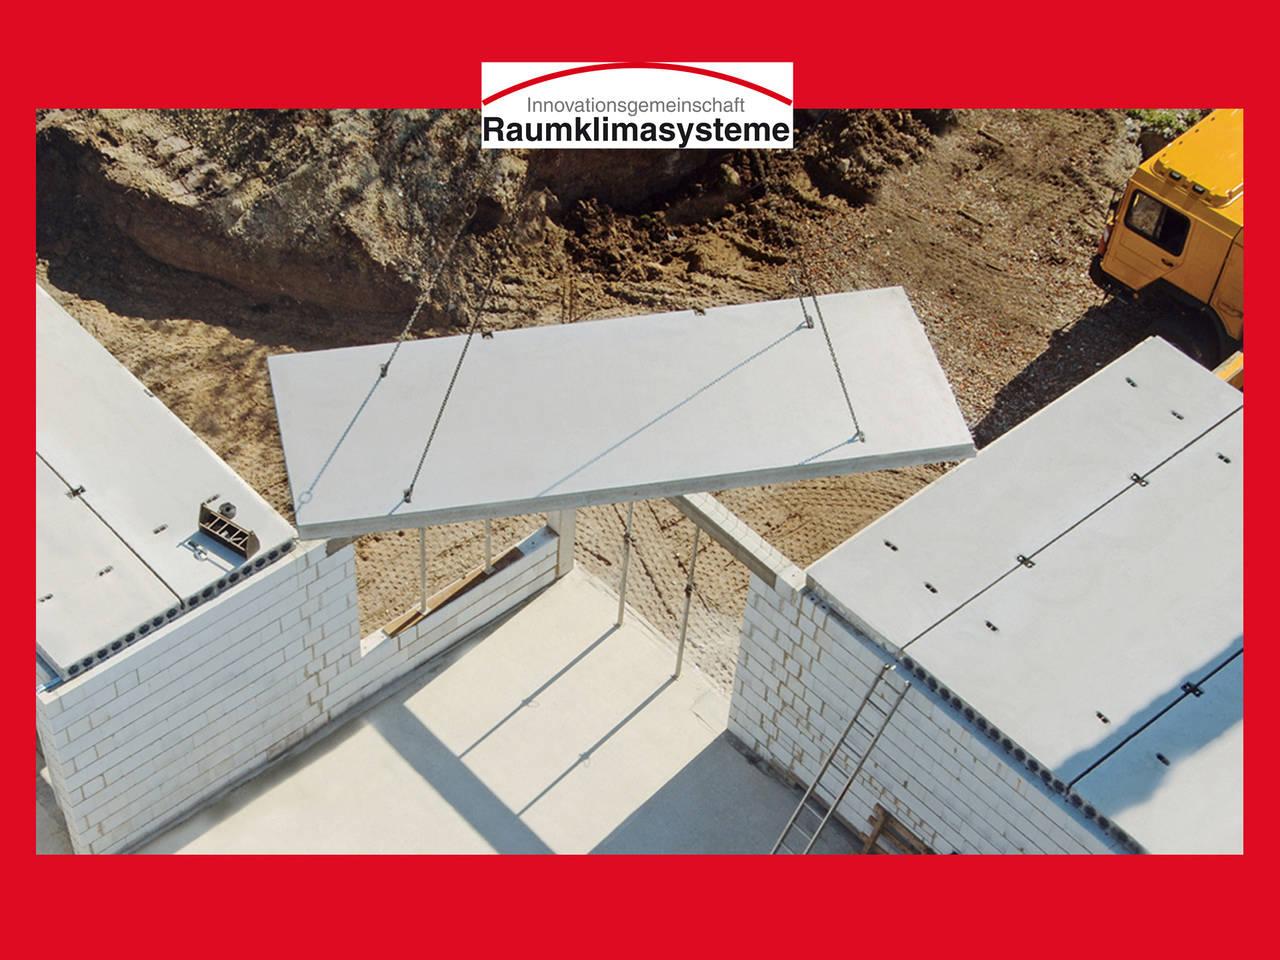 Baustelle Innovationsgemeinschaft Raumklimasysteme